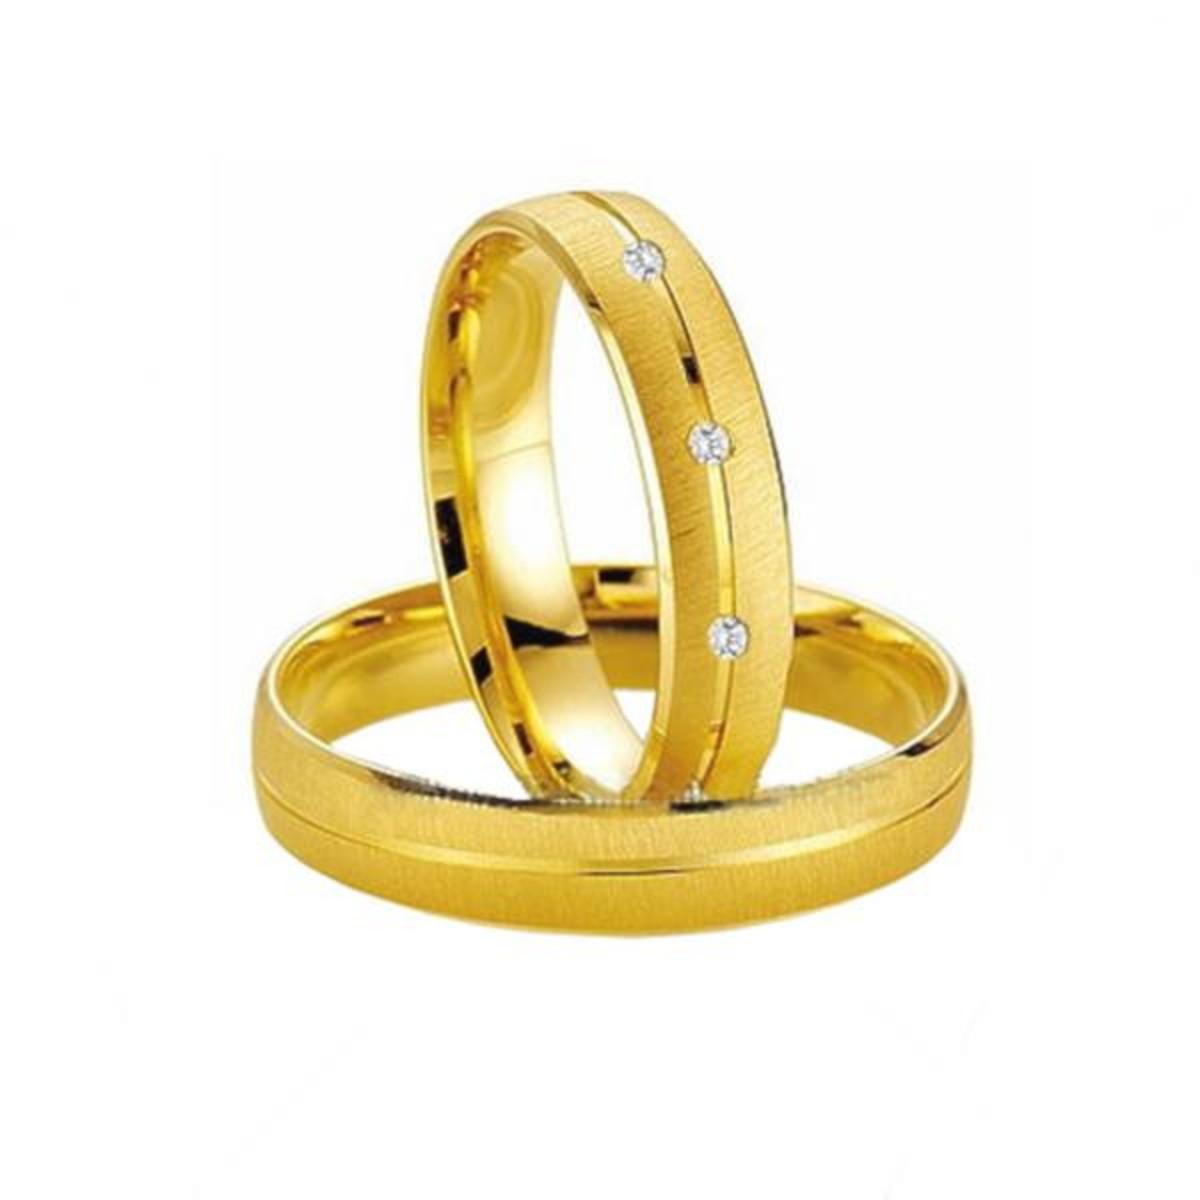 c70e03745fa Zoom · Aliança de Ouro 18k Fosca Friso Transversal Diamantes (Par)